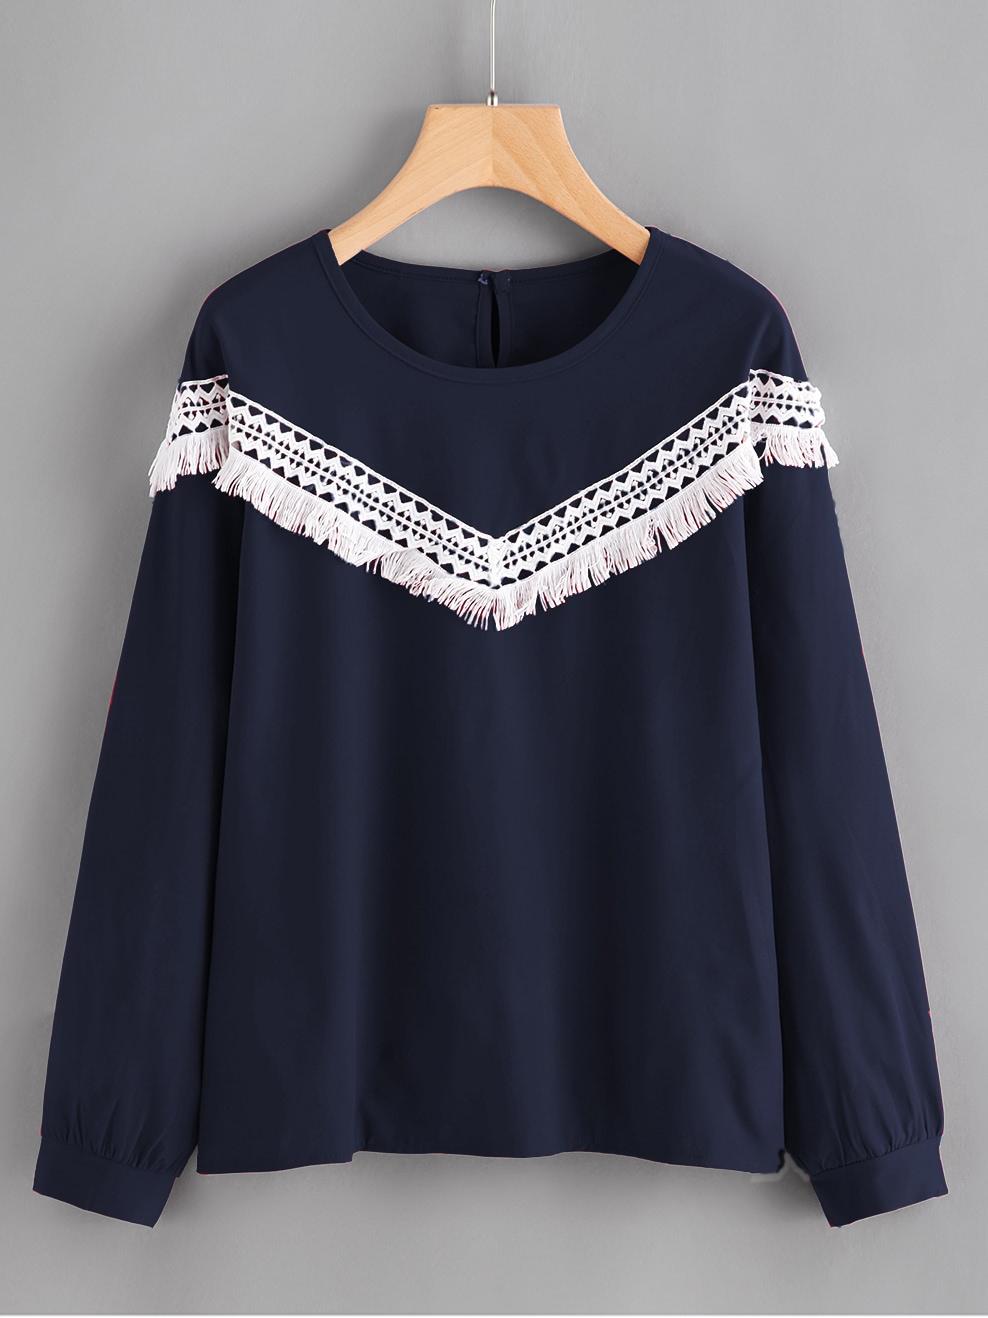 Contrast Crochet Applique Blouse lace crochet contrast neck blouse